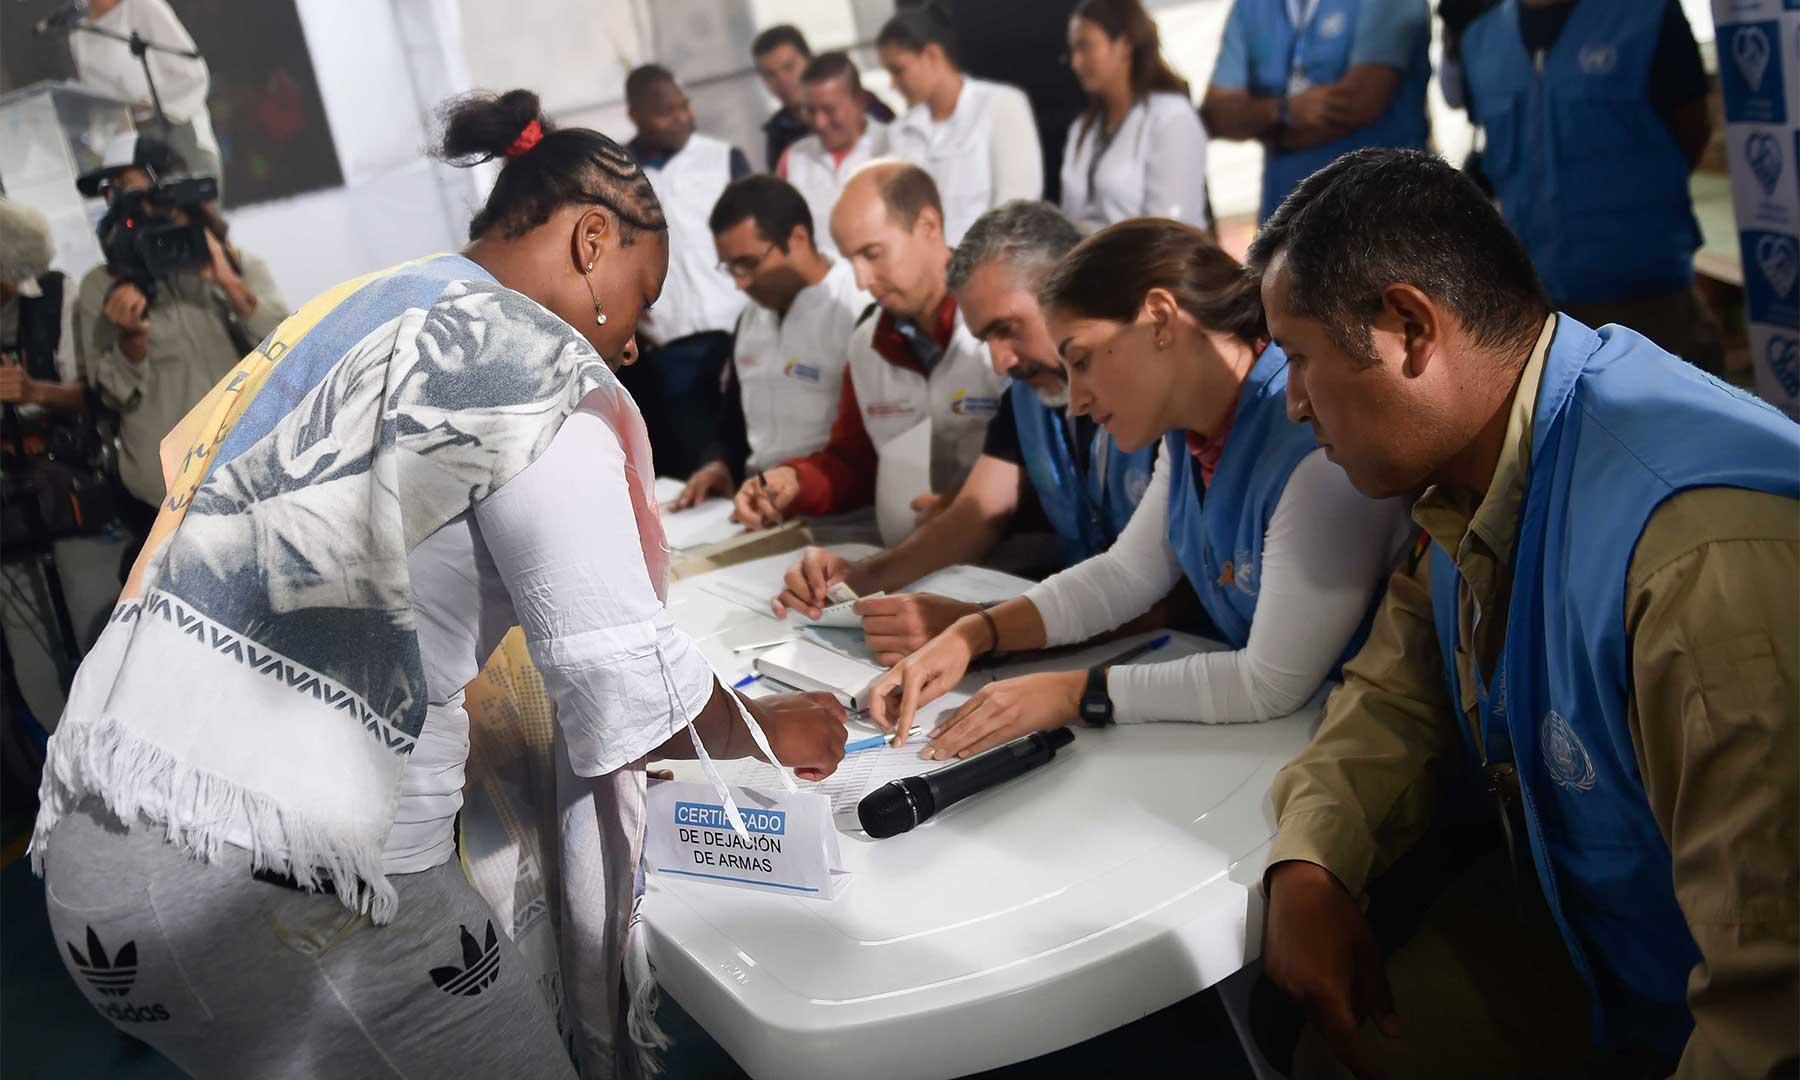 La integrante de las Frac recibe de miembros de la ONU la certificación de entrega de su arma.